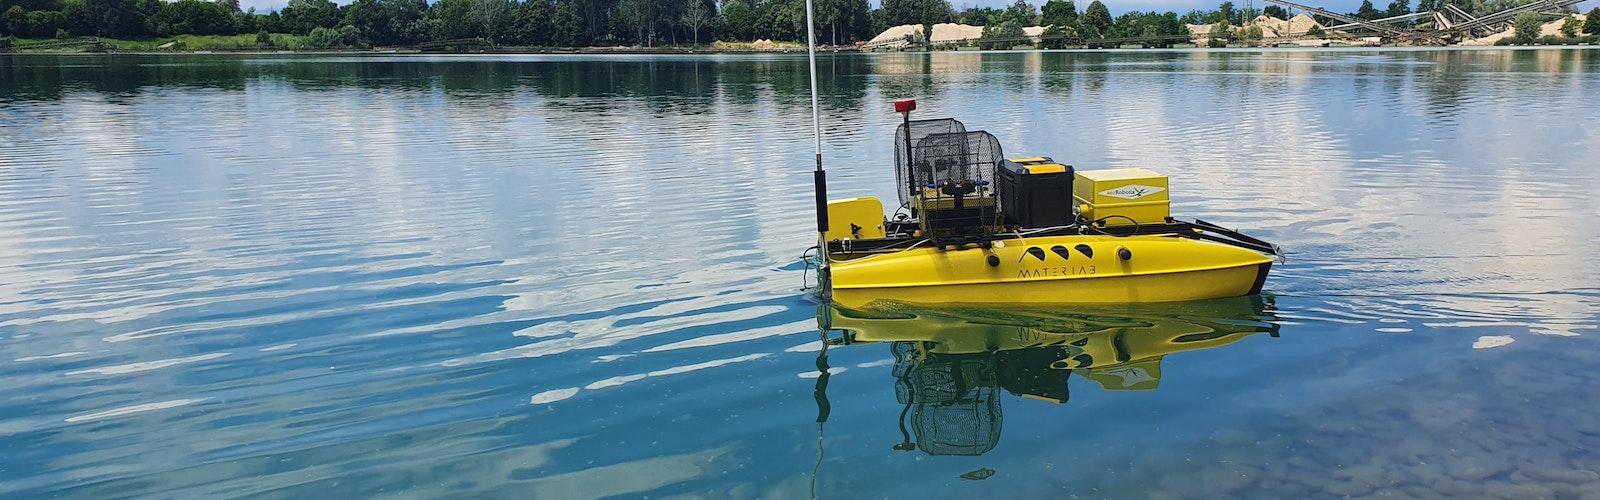 DIANA - Monitoraggi qualità acque interne